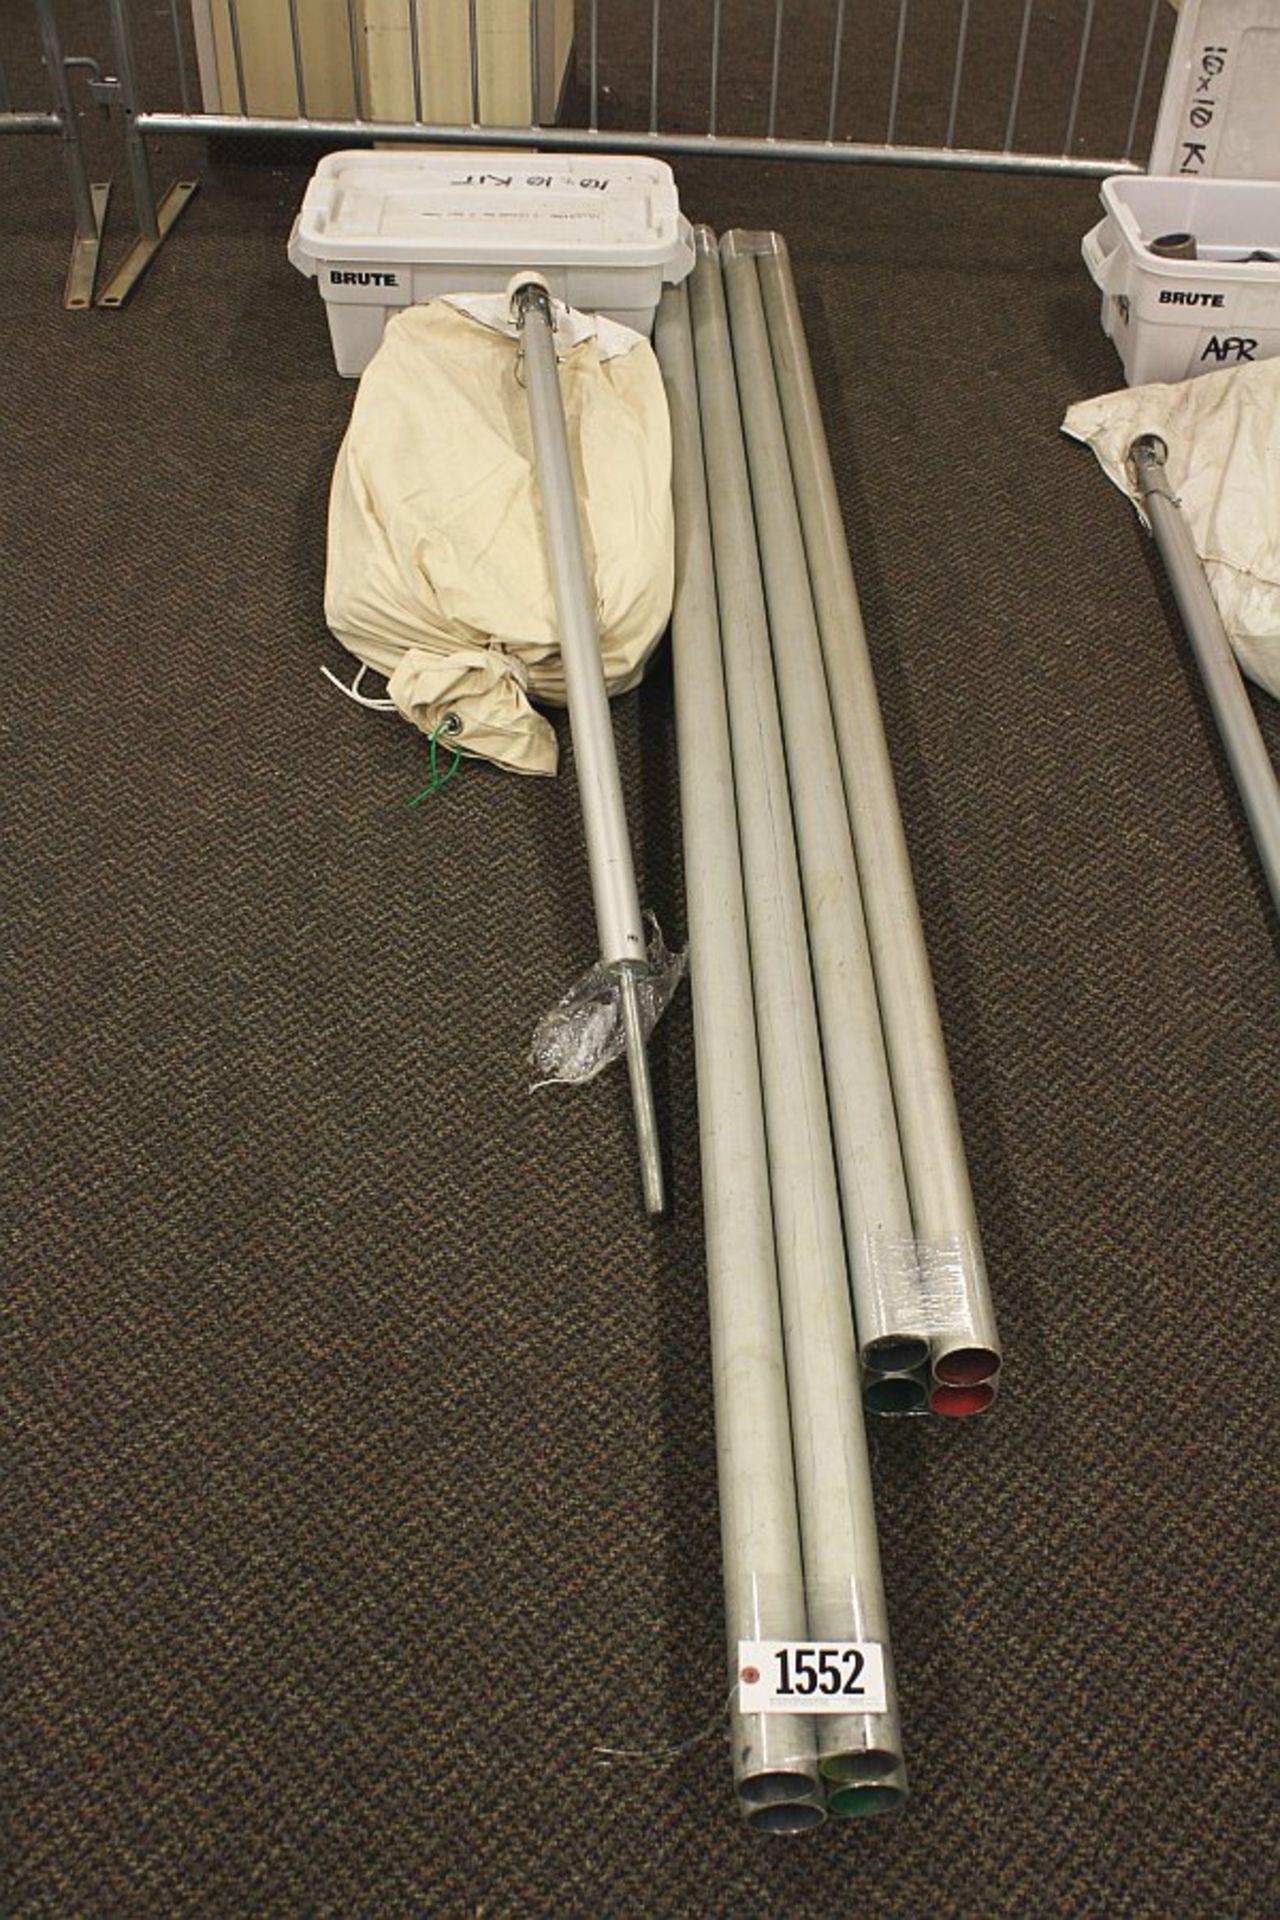 Lot 1552 - Tentnology Tent 10x10 (missing parts)